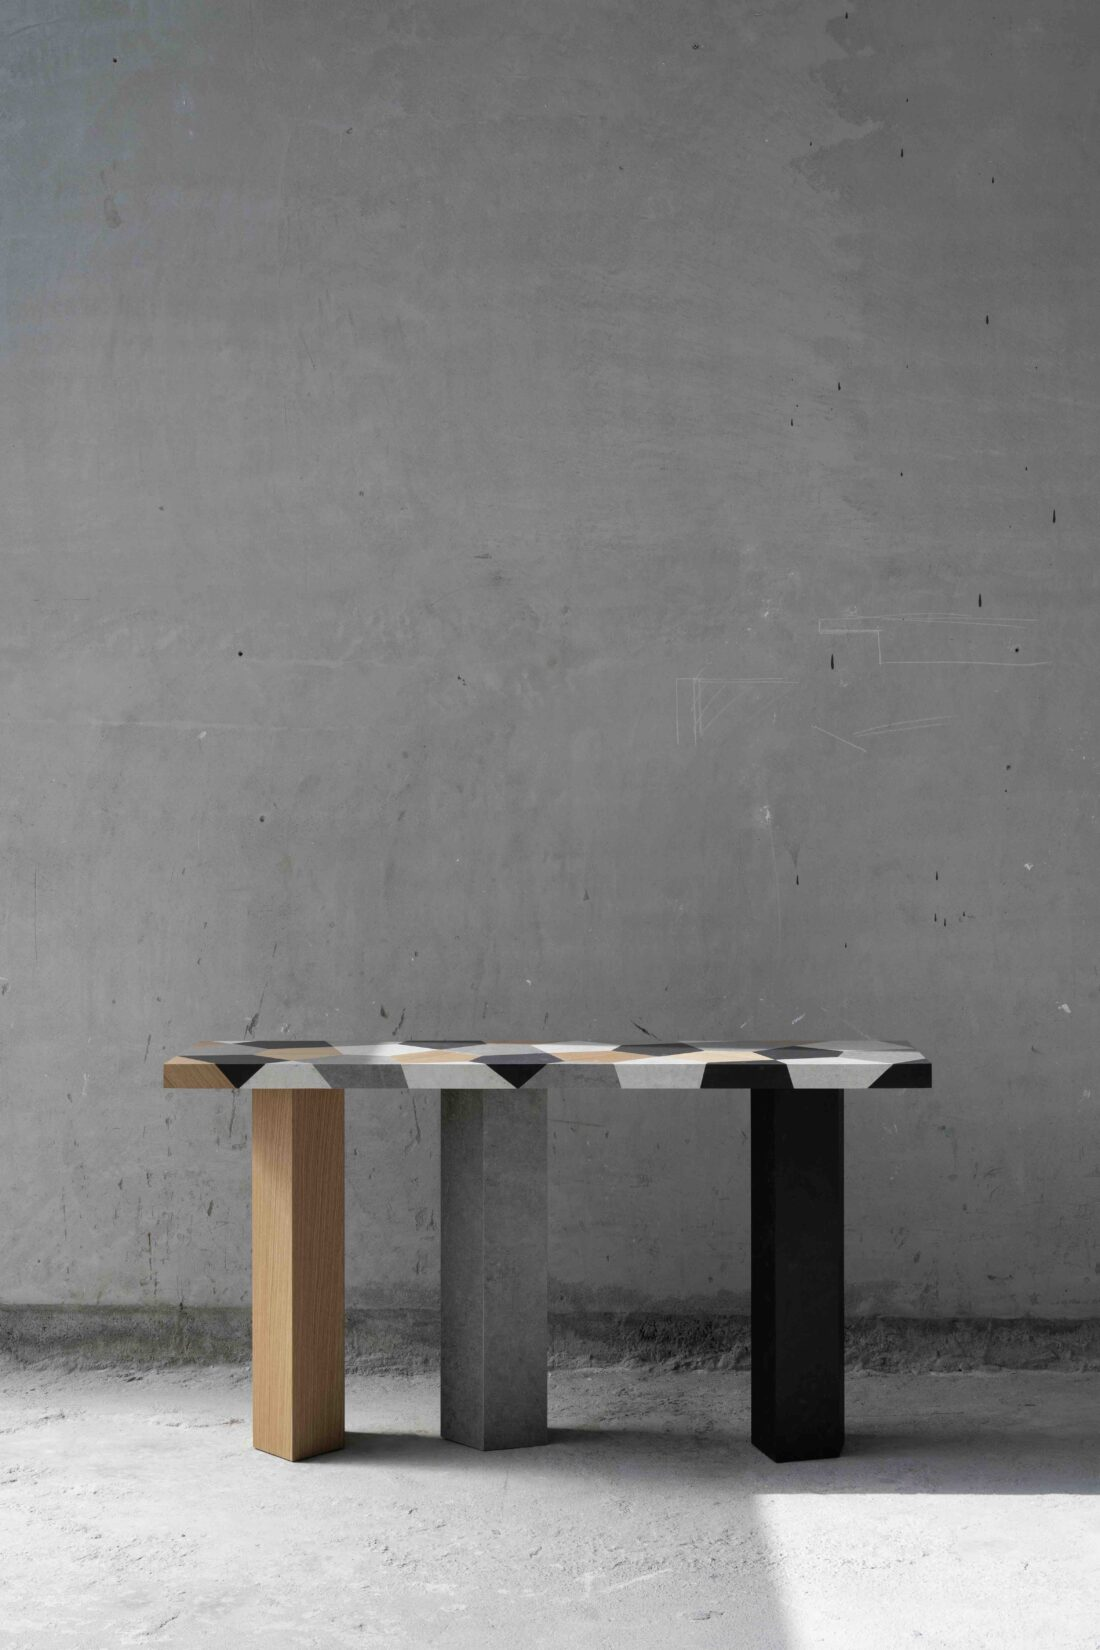 Image of CosentinoCapsuleCollection110721 NateleeCocks 009 copie in « Capsule Collection », la première ligne de mobilier en Dekton® by Cosentino - Cosentino